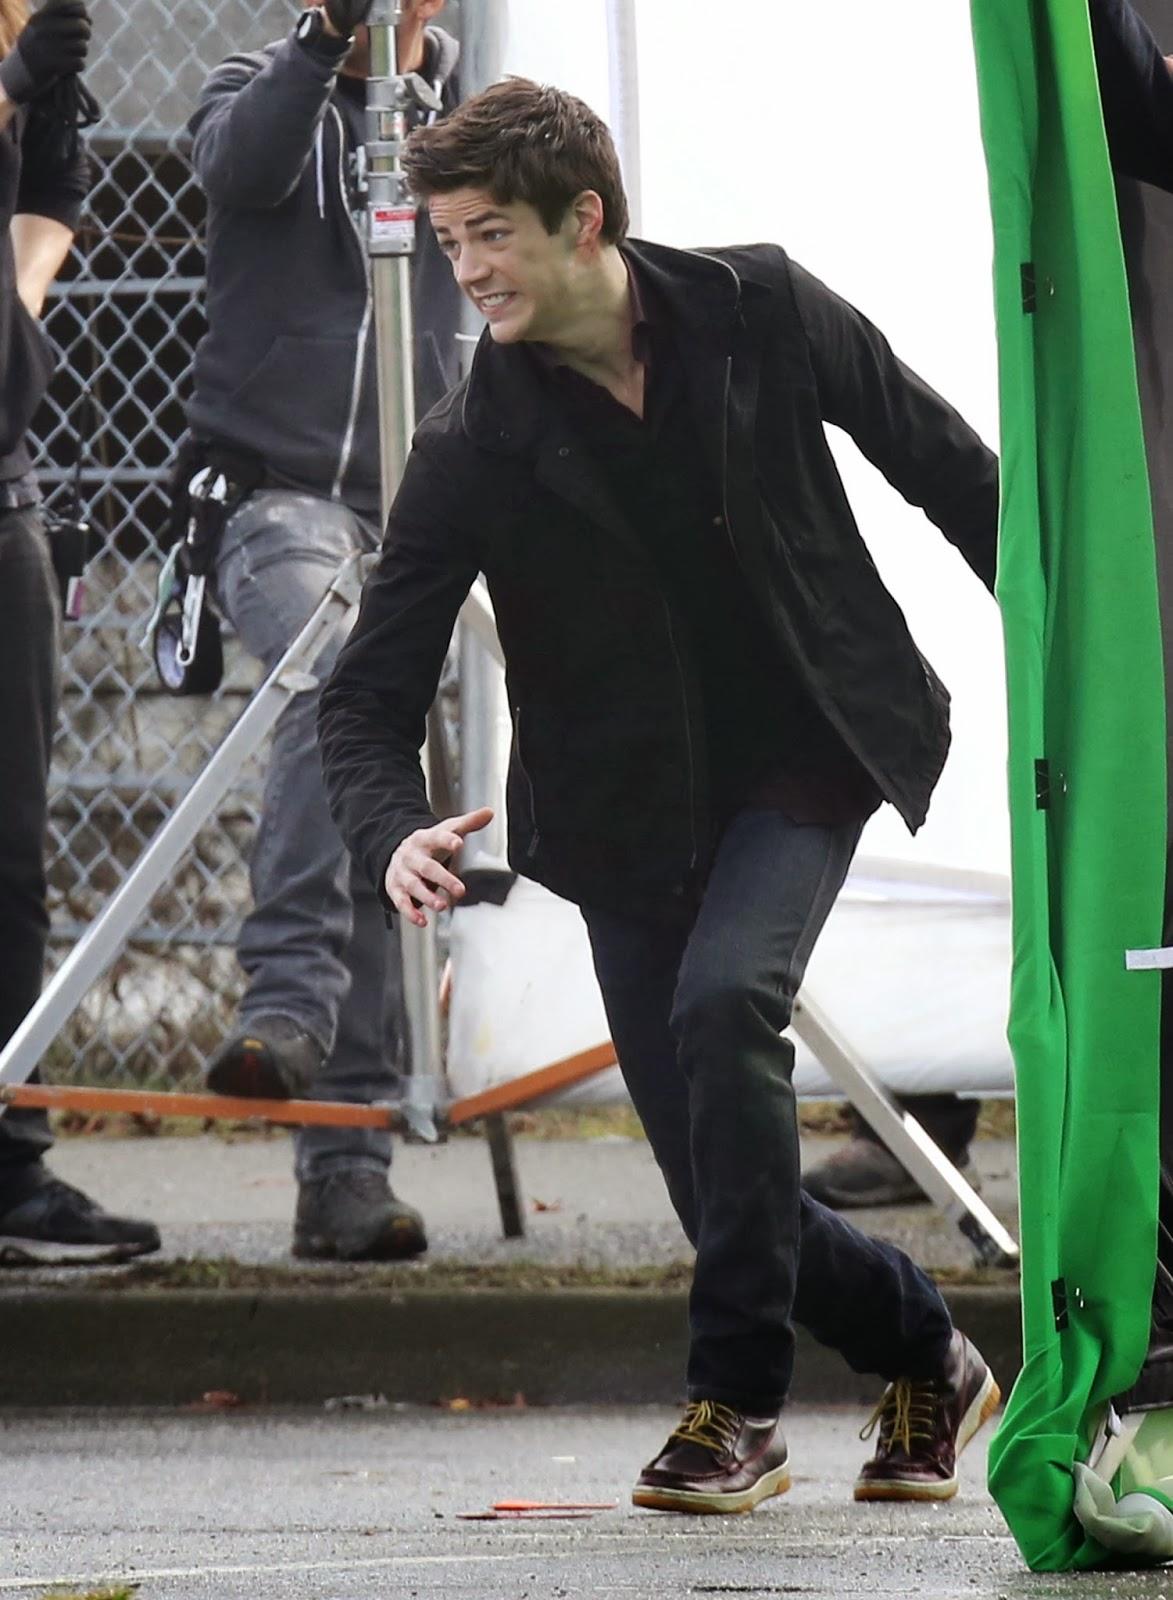 imágenes de Grant Gustin en el rodaje de The Flash